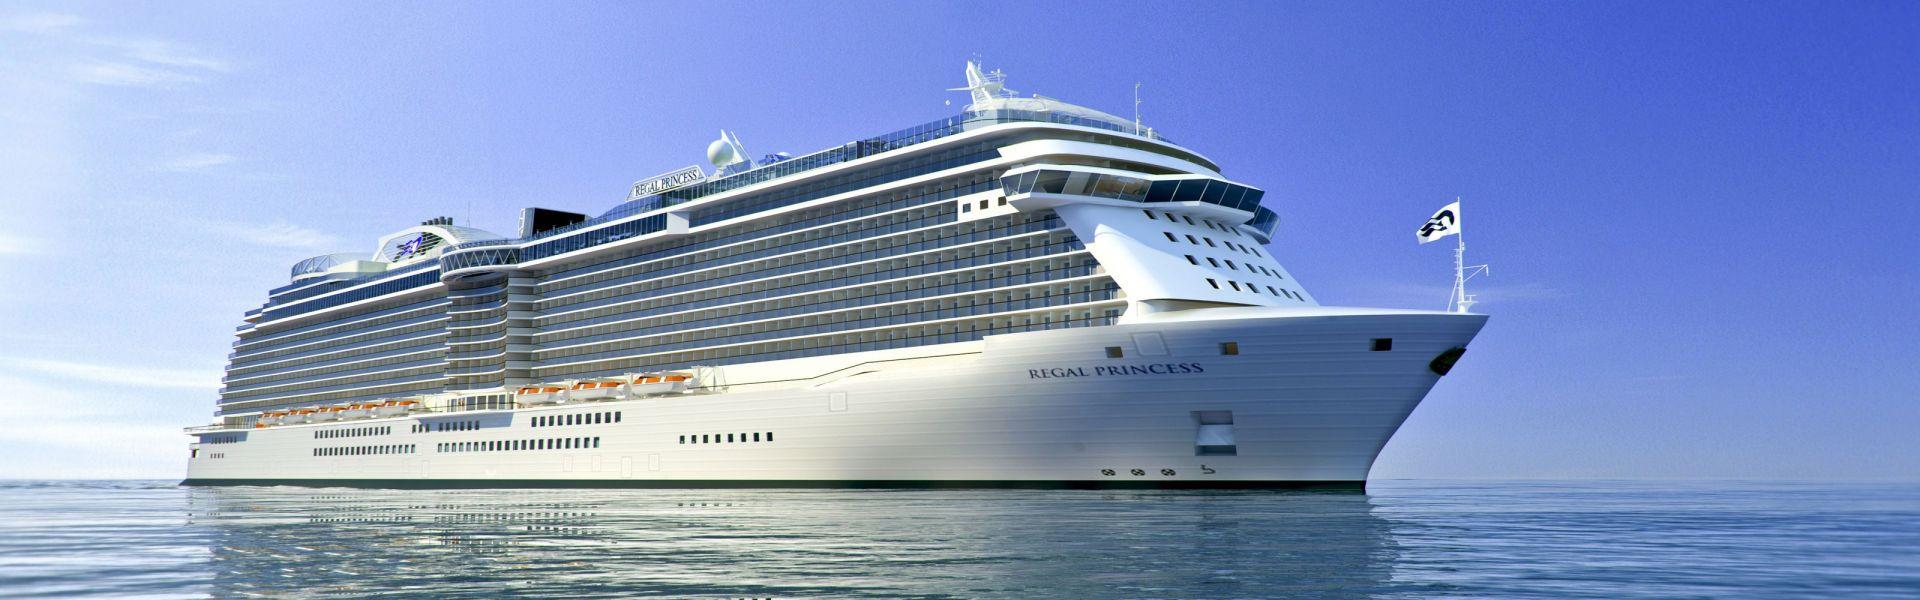 Croaziera 2017 - Caraibele de Est (Fort Lauderdale ) - Princess Cruises - Regal Princess - 7 nopti